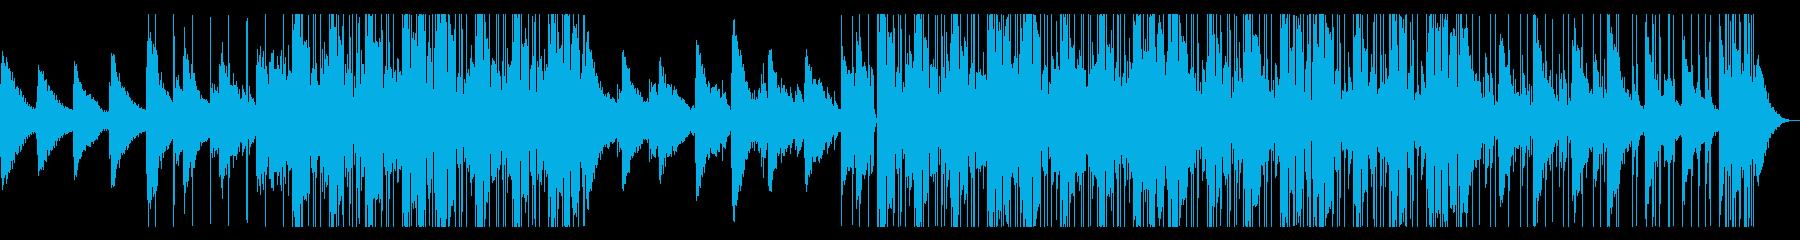 Lofiで切ないChill系HIPHOPの再生済みの波形